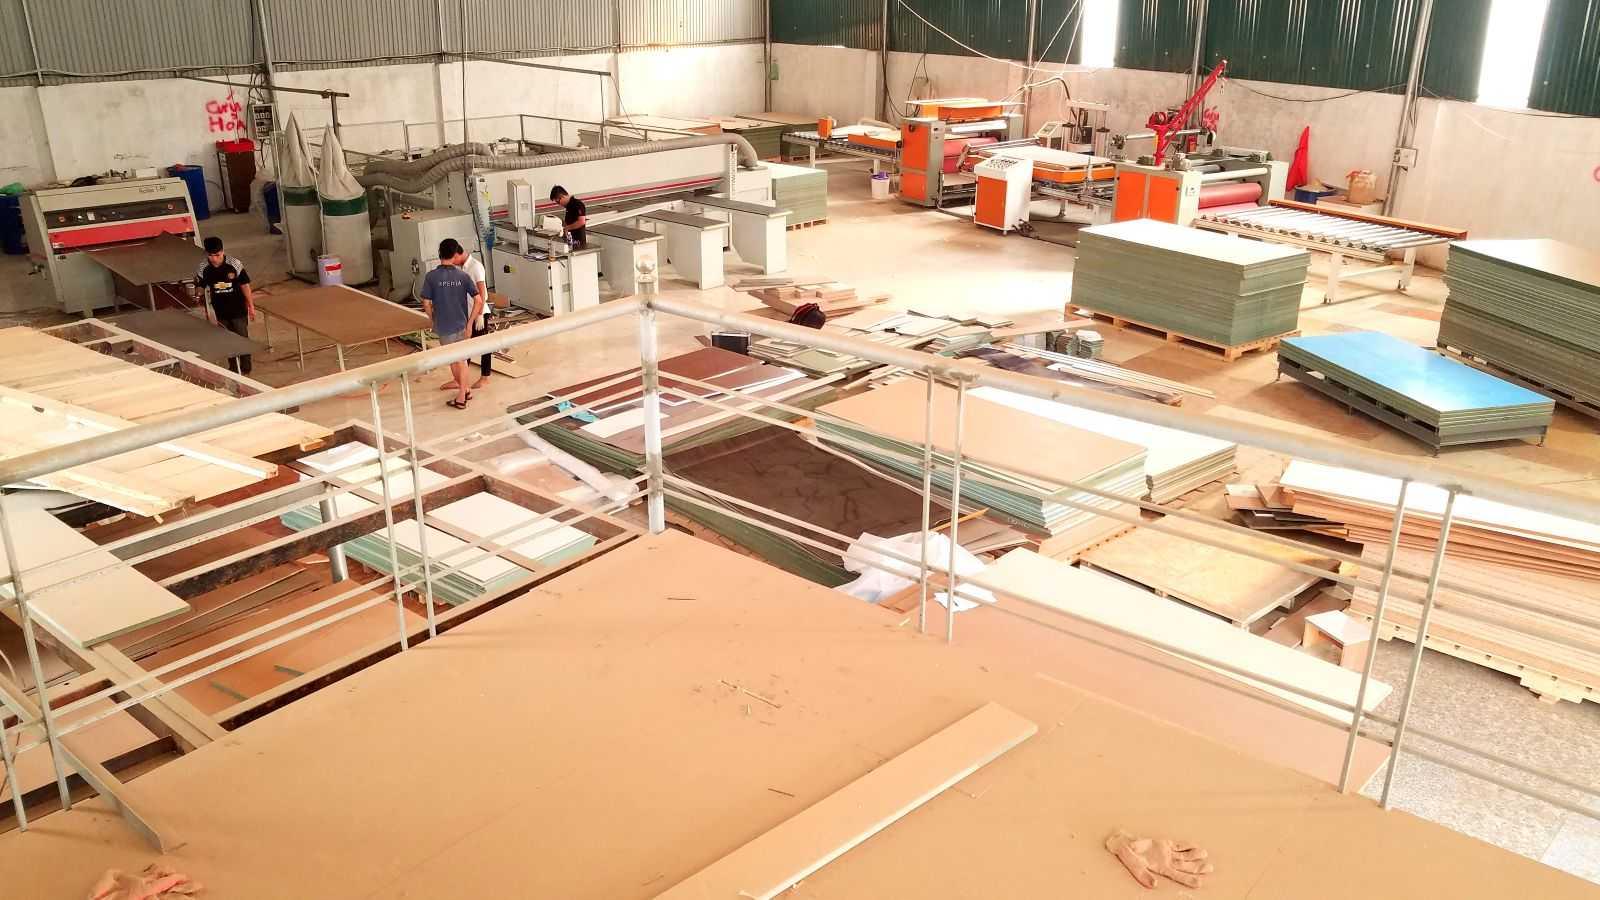 Nhà máy Pma sản xuất theo dây chuyền hiện đại nhằm mang đến sản phẩm chất lượng đáp ứng mọi yêu cầu của khách hàng